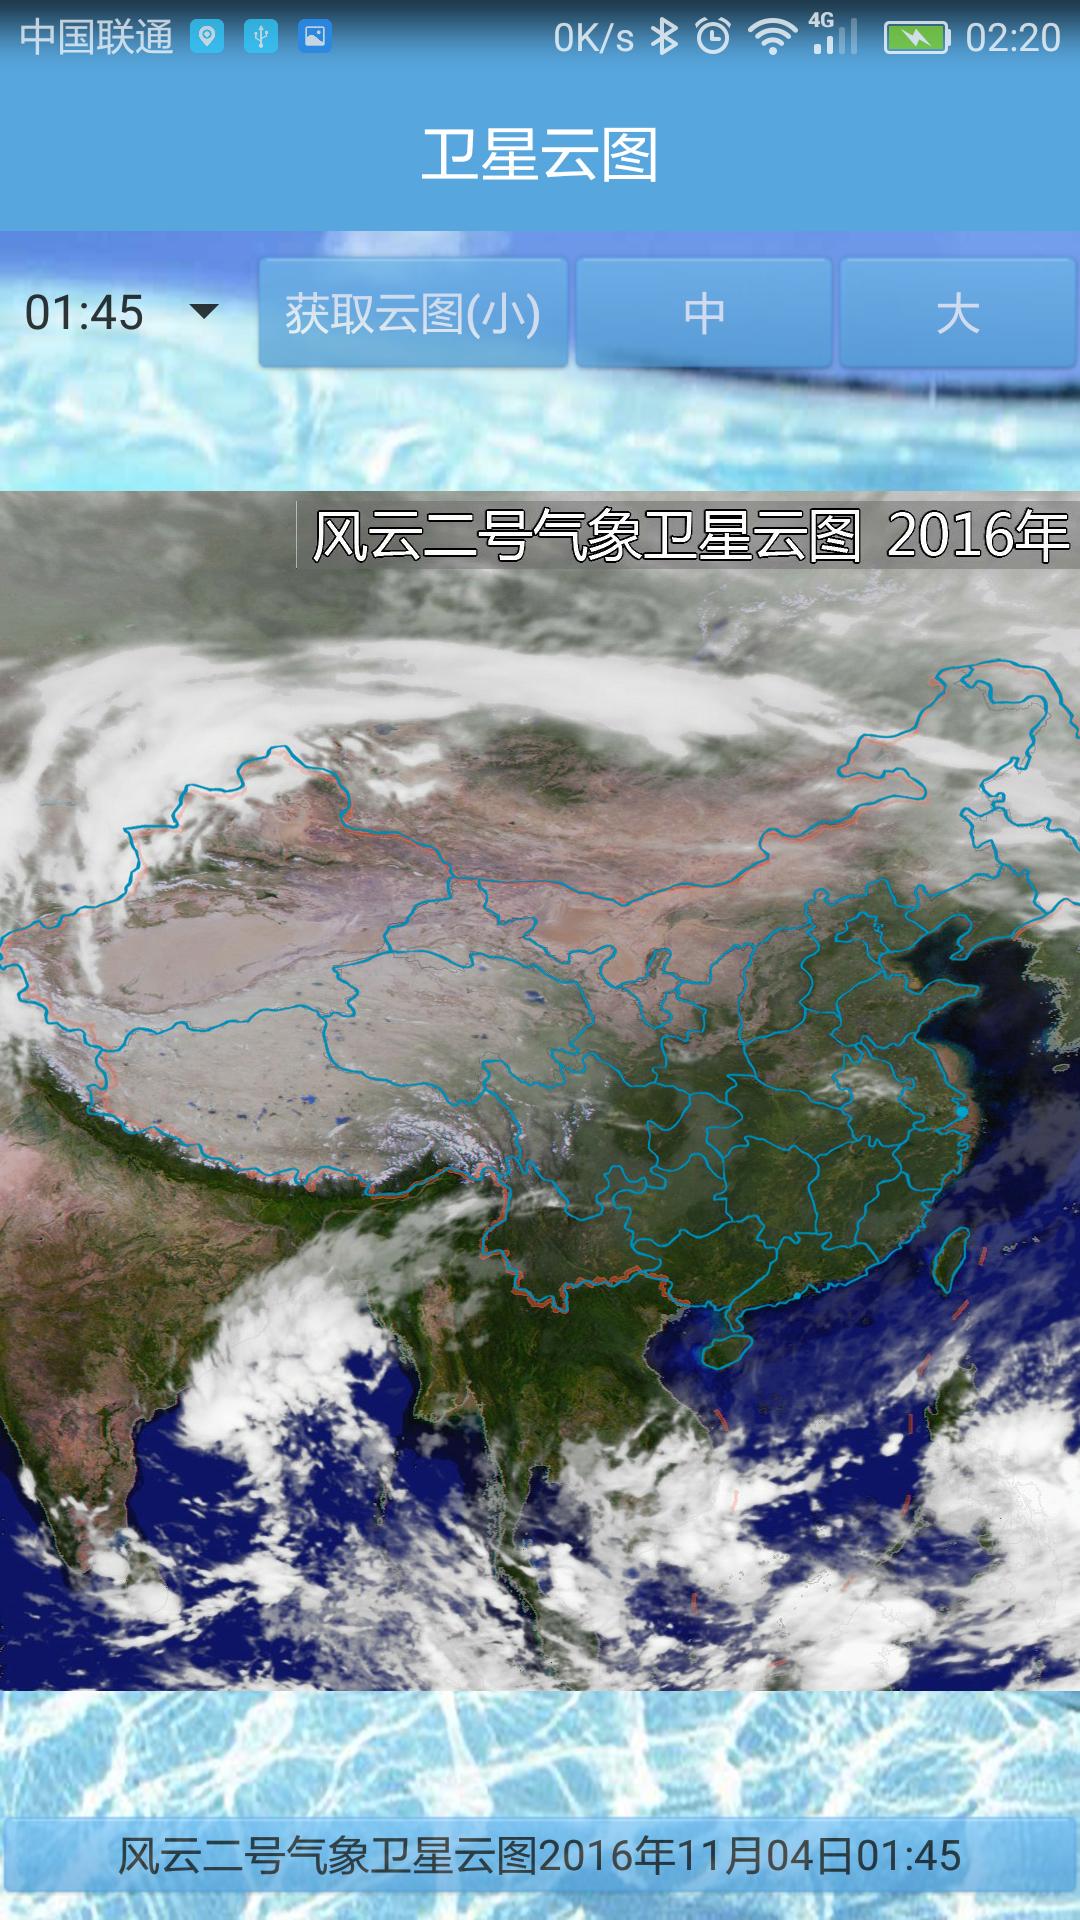 沈阳天气预报15天_沈阳天气预报15天查询_东方天气网